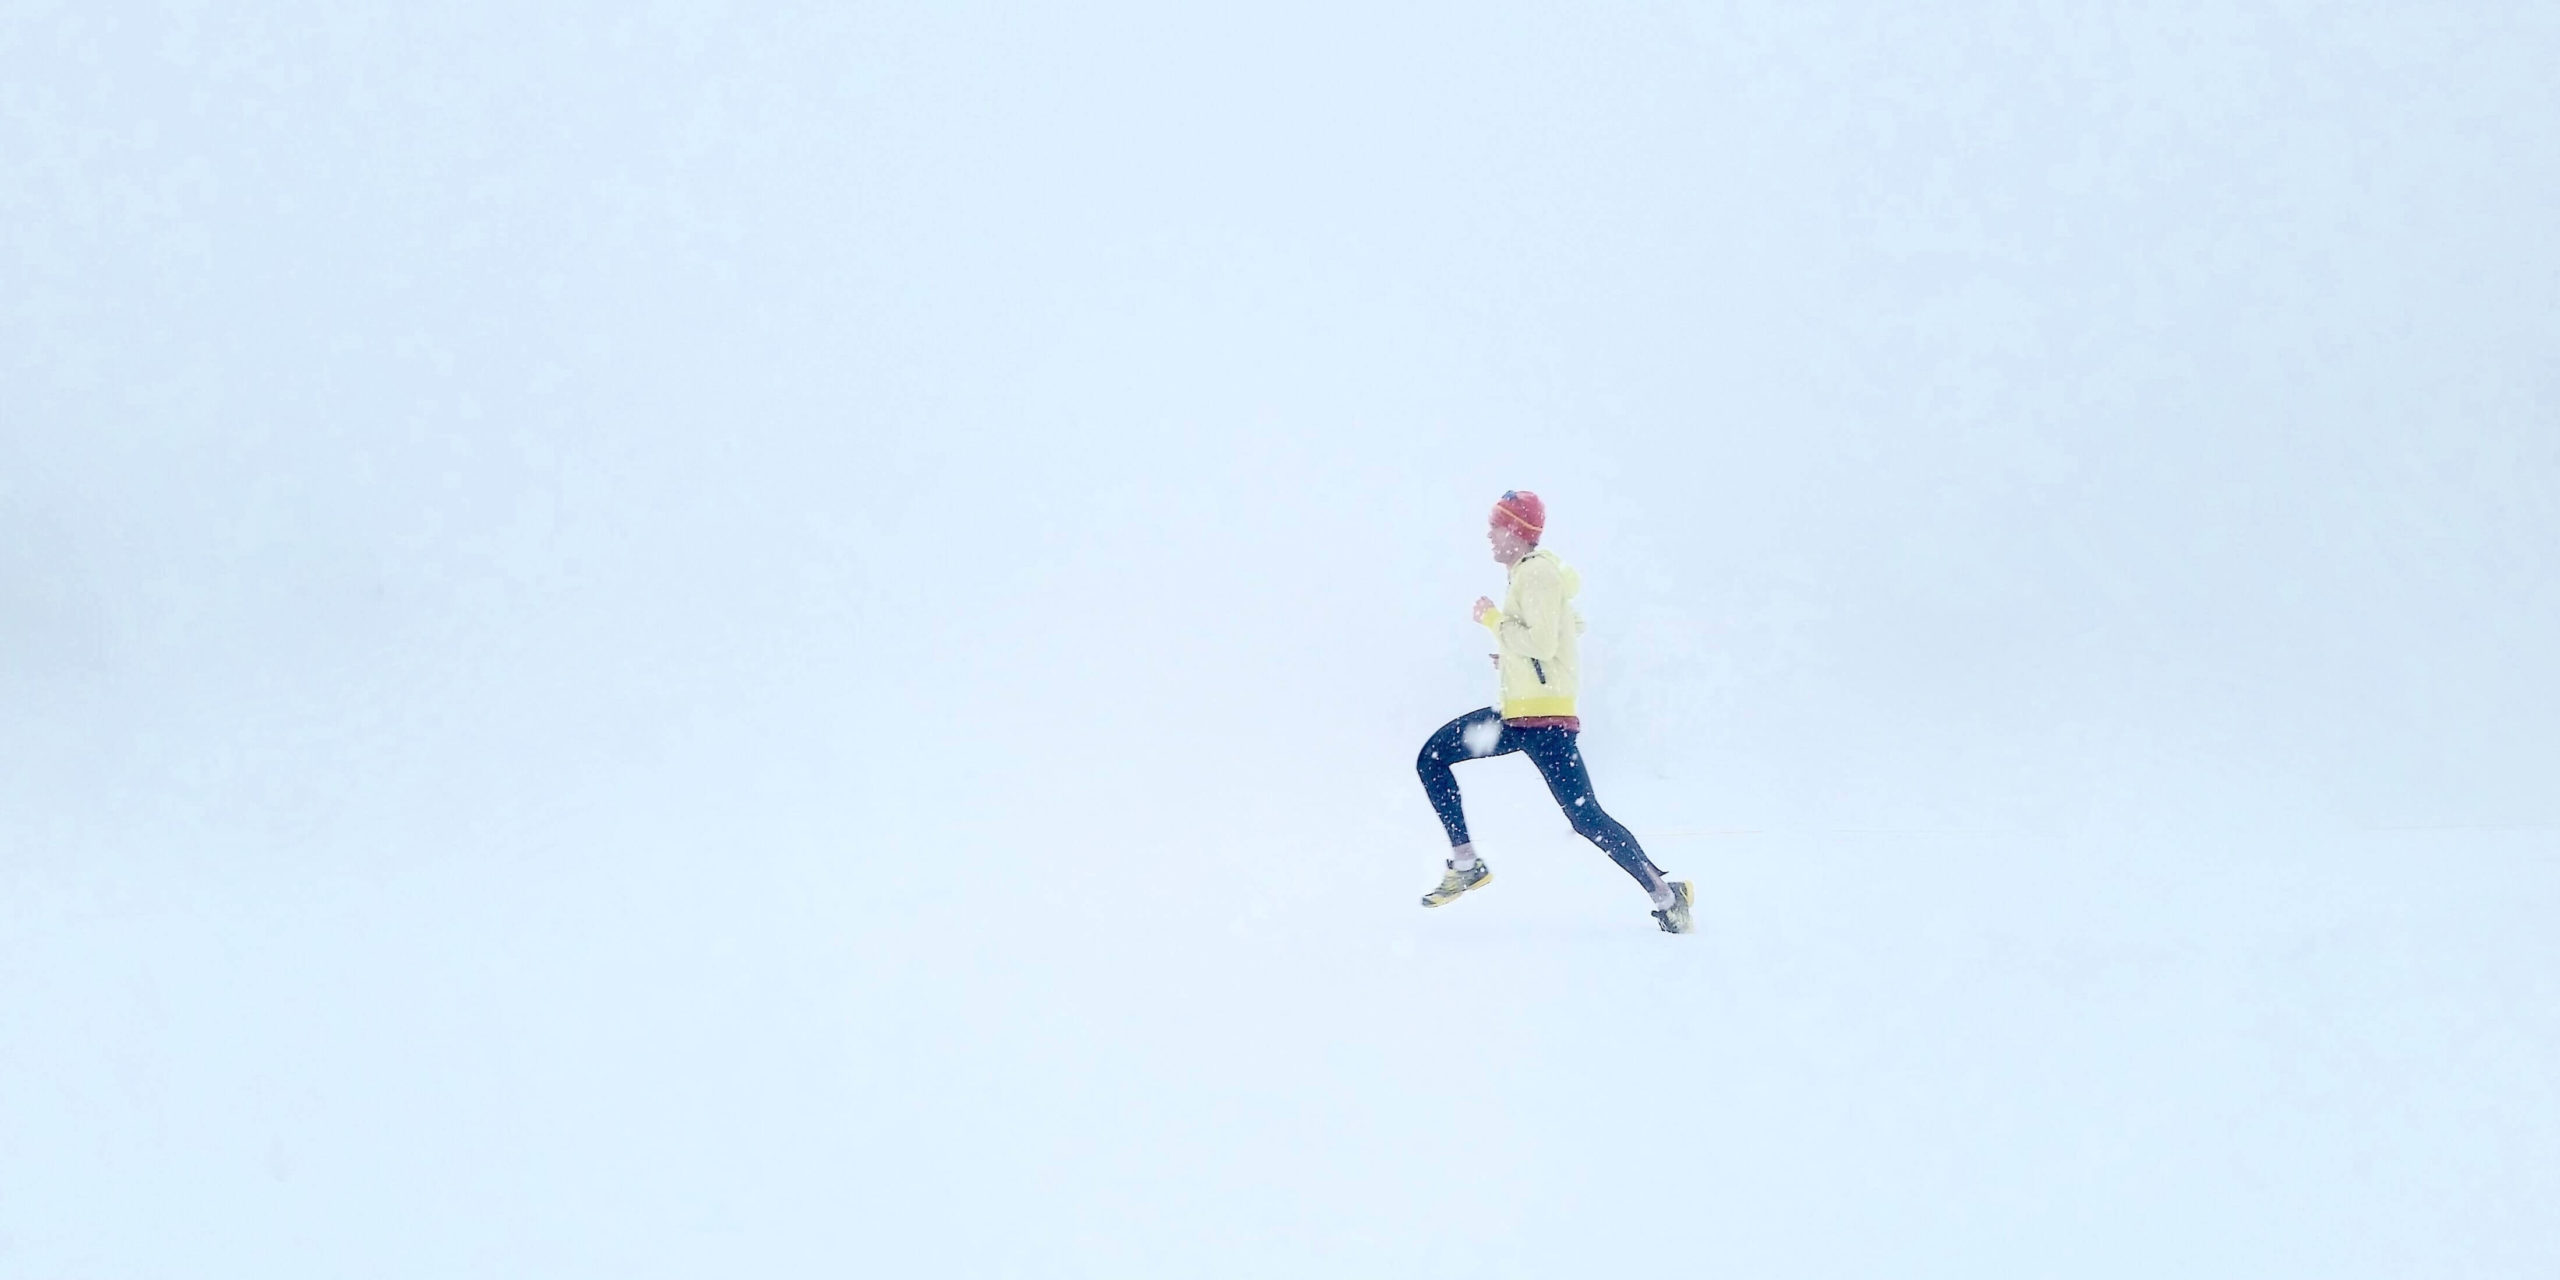 Running auch im Winter kein Problem